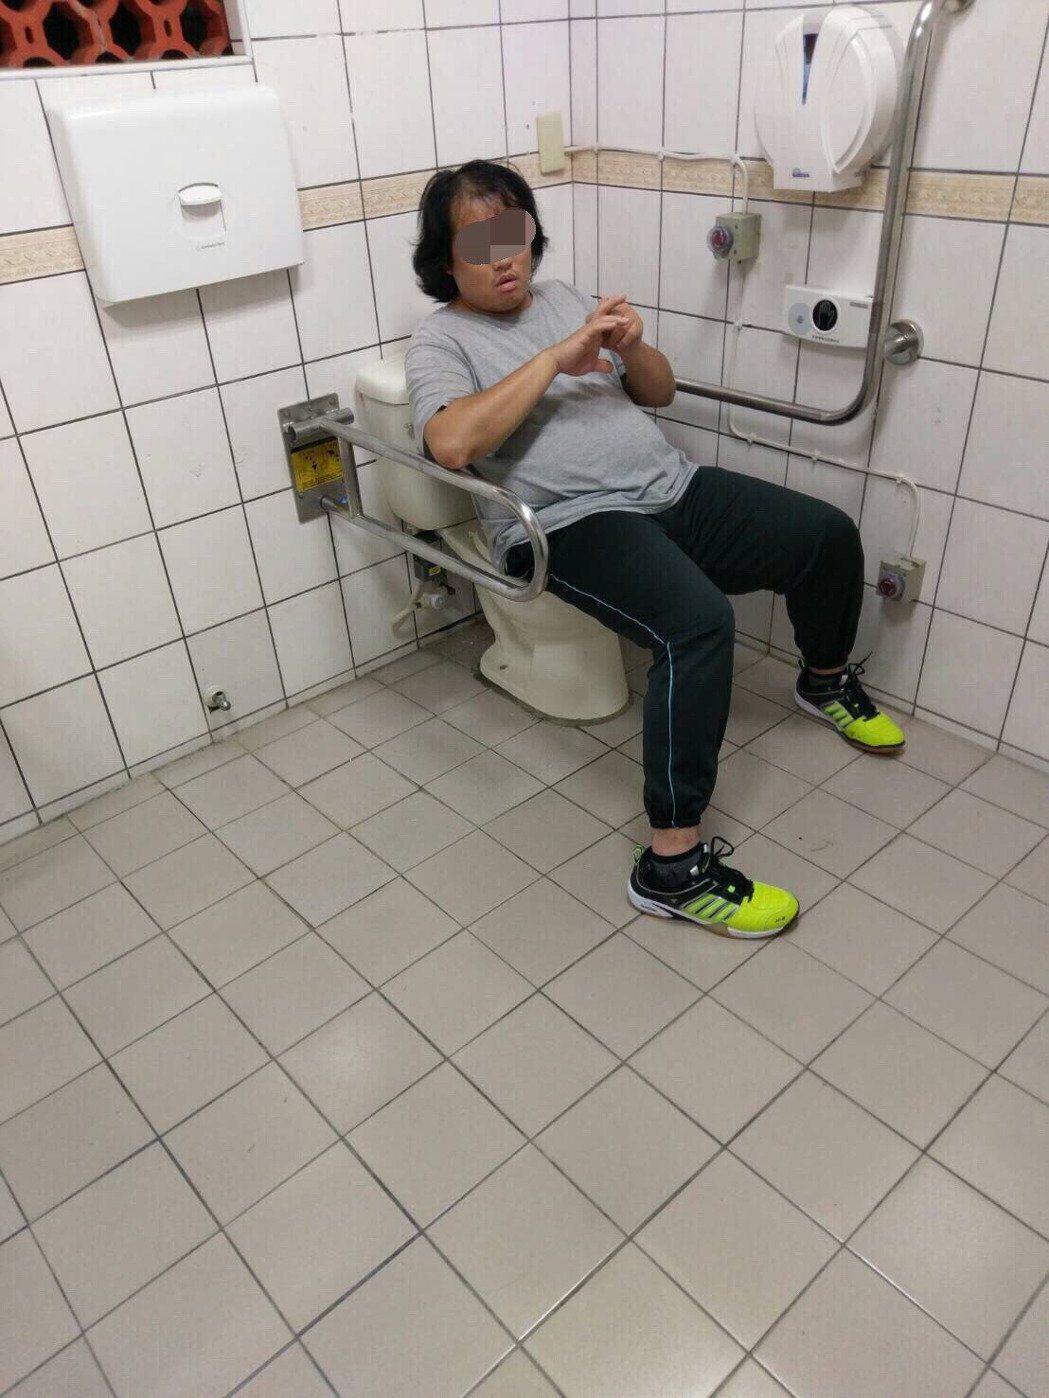 隨機攻擊路人的林姓男子,躲在廁所內遭逮。圖/報系資料照片